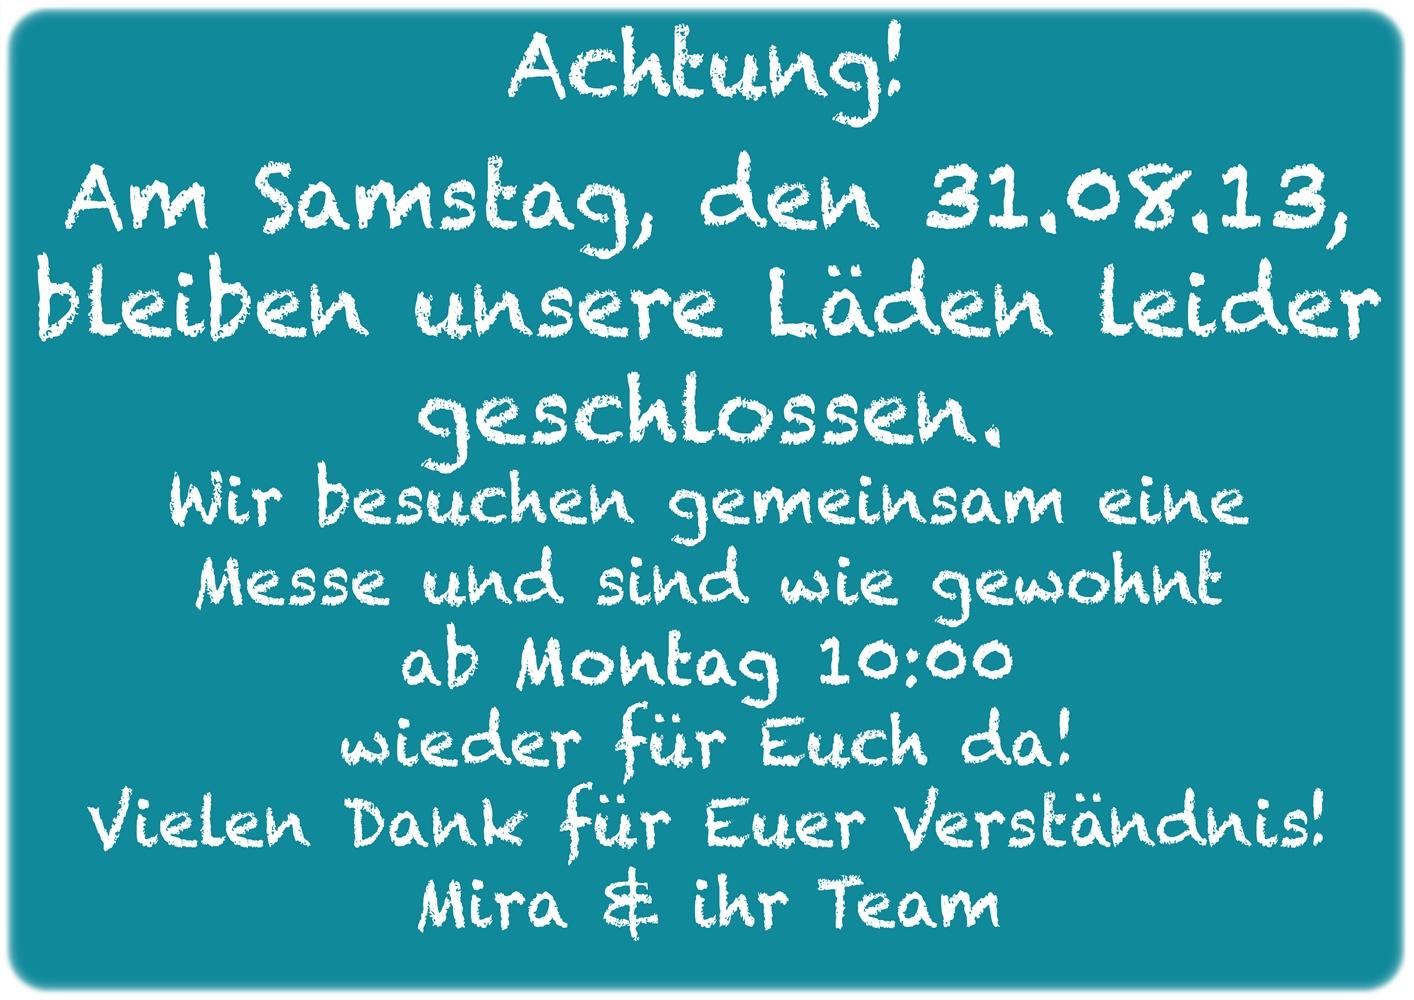 Mira-Team auf Reisen.... ;-) 1